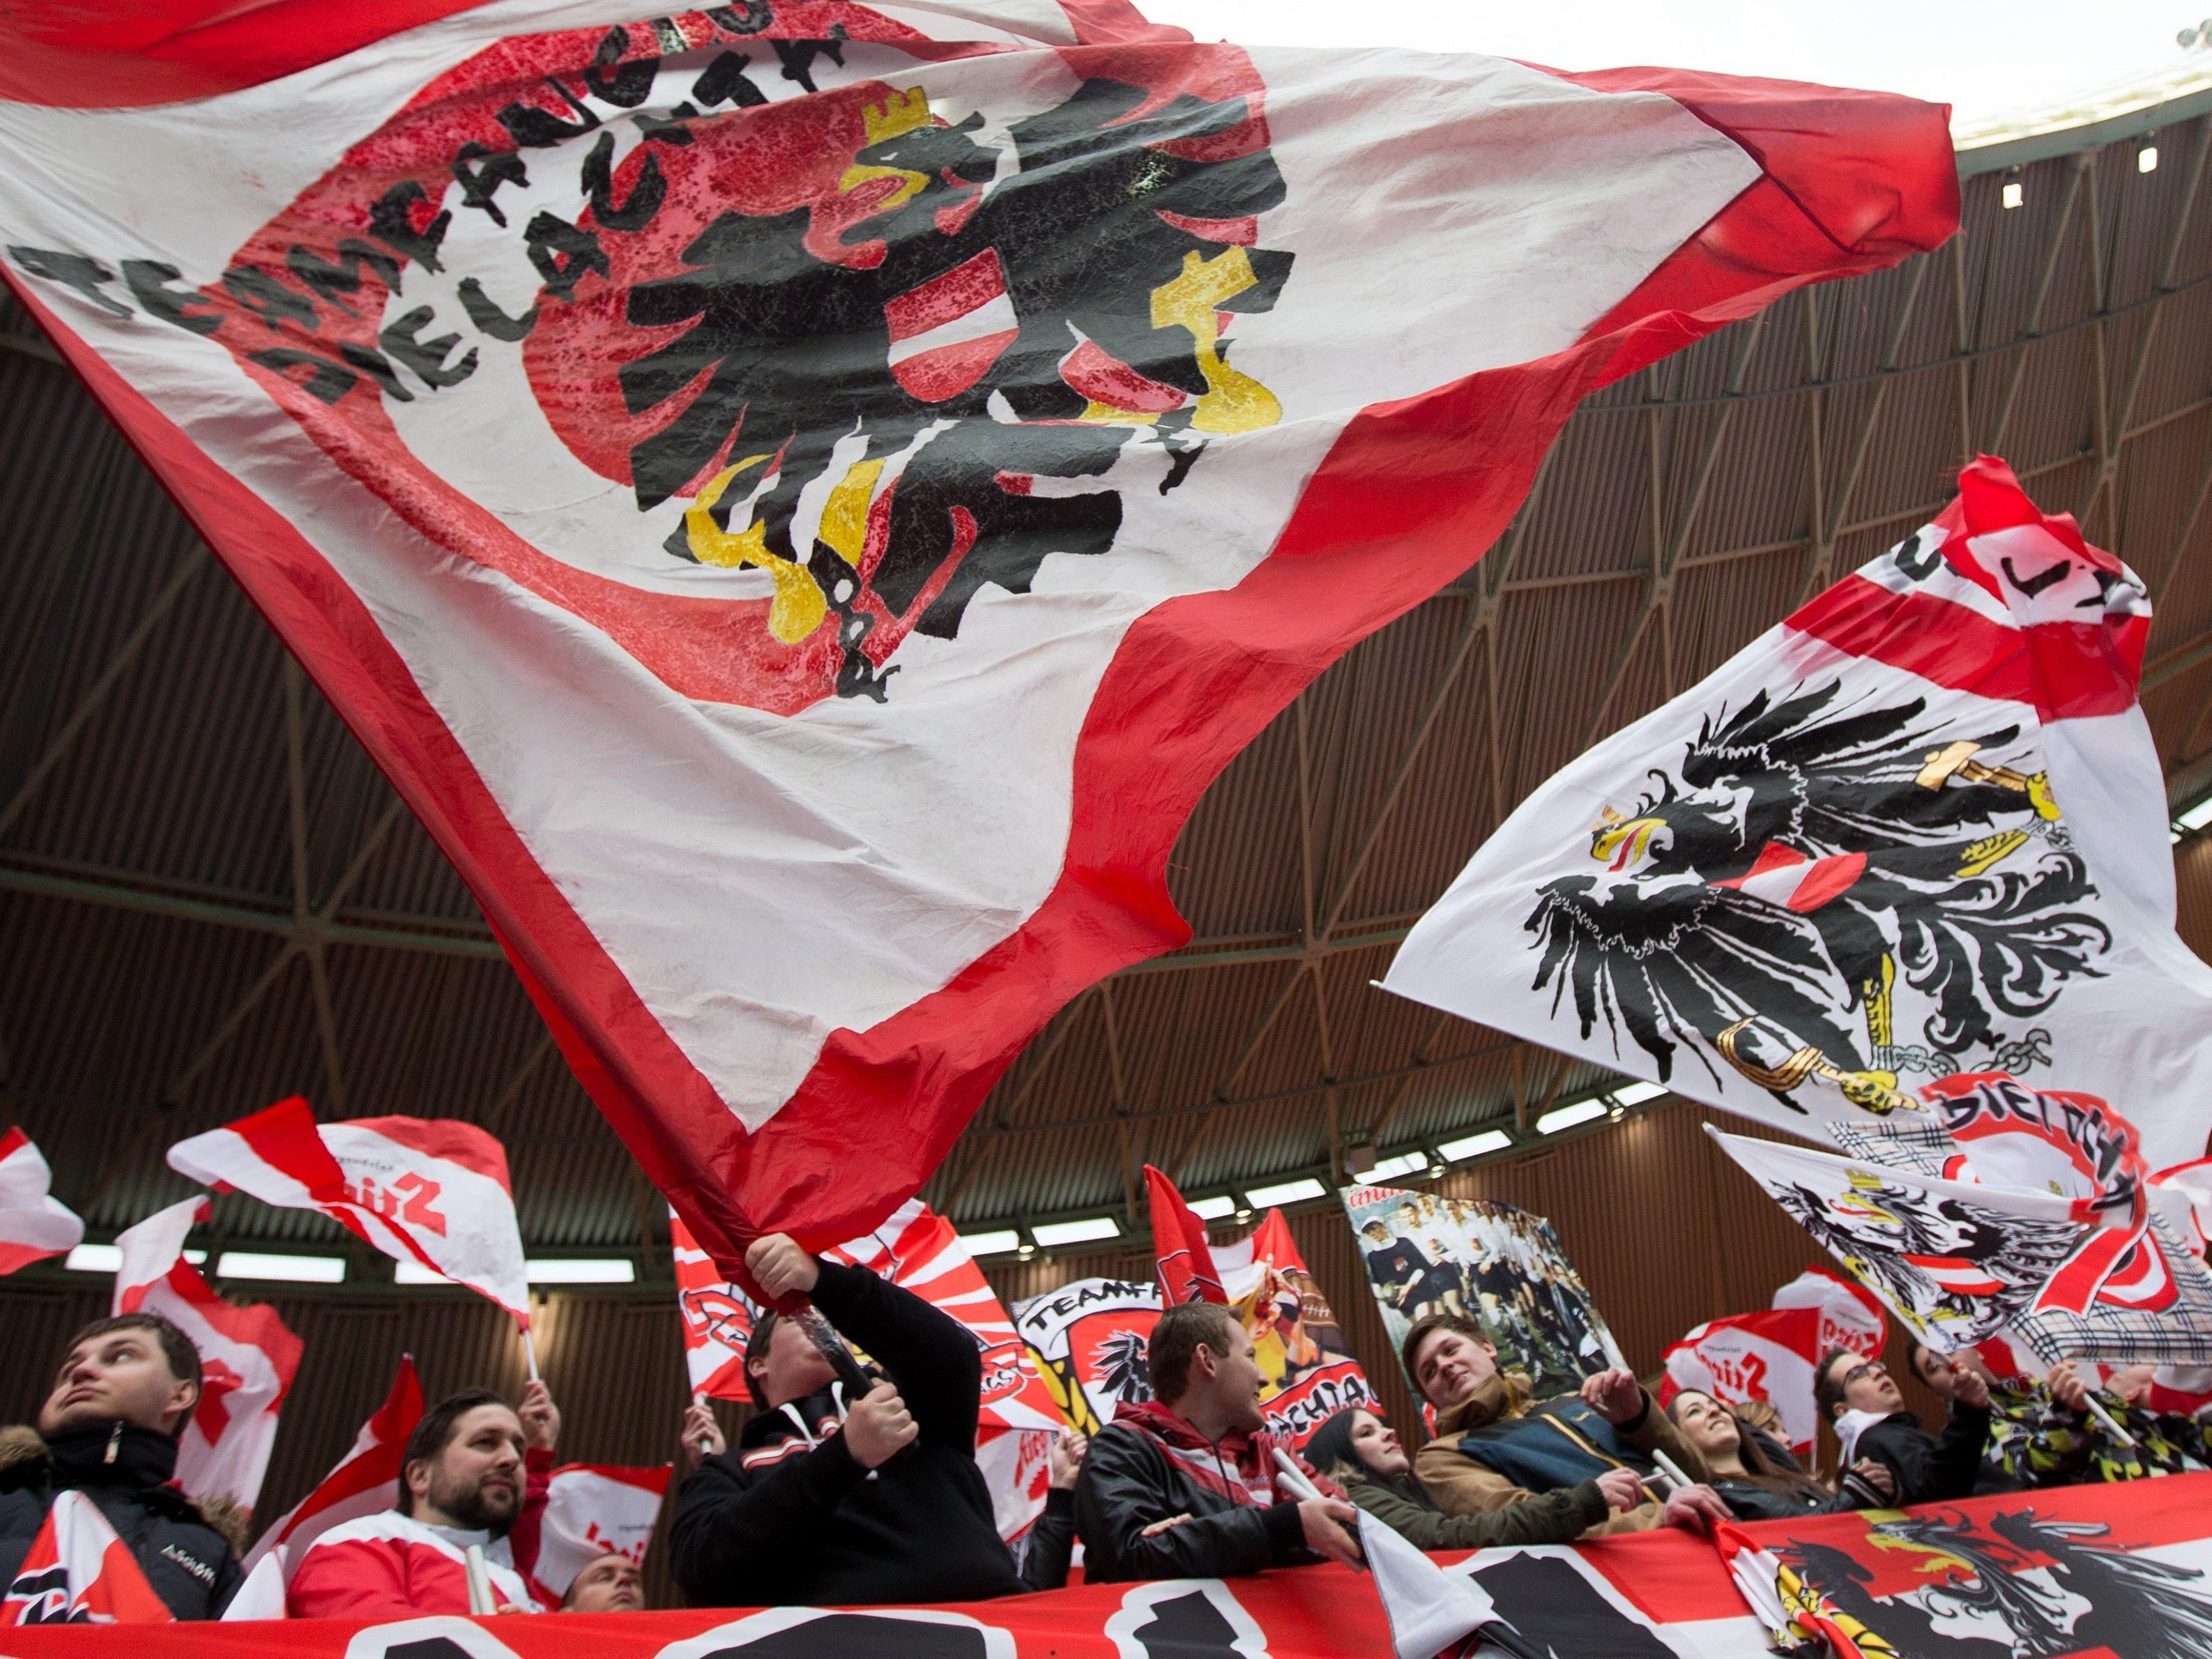 Das österreichische Nationalteam darf sich über viele Unterstützer in Frankreich freuen.